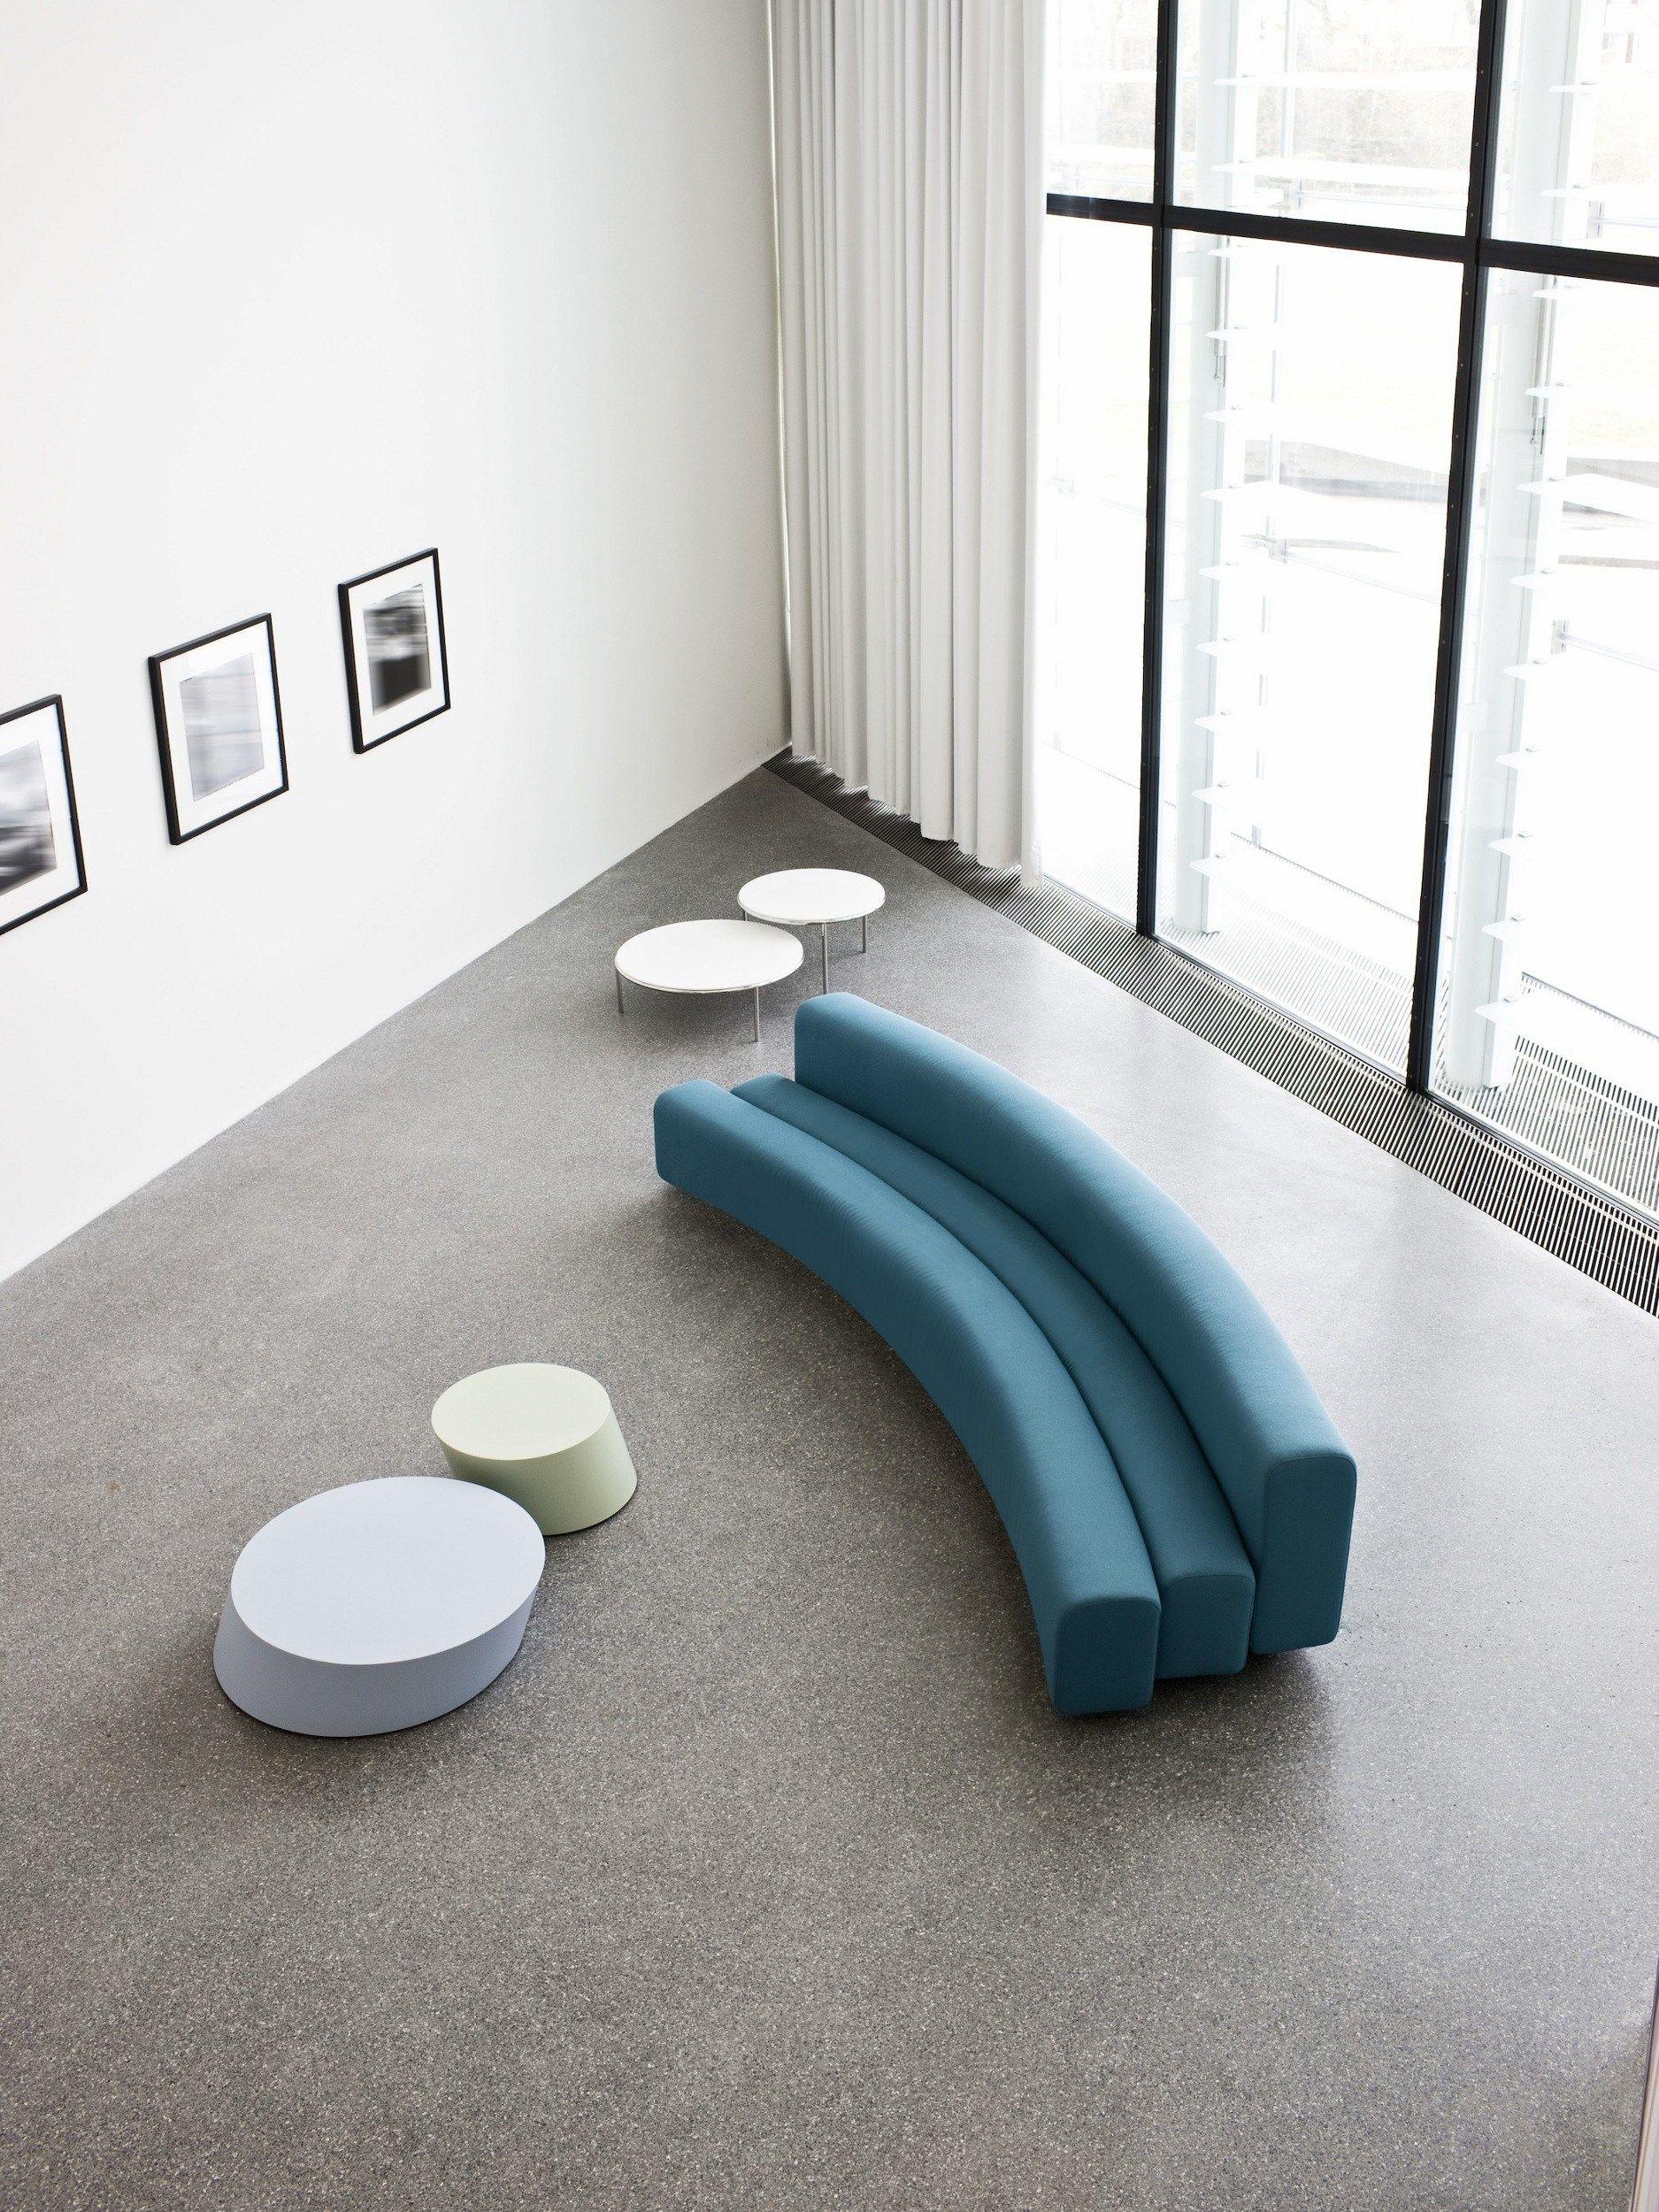 Osaka divano modulare by la cividina design pierre paulin for Divani a elle misure